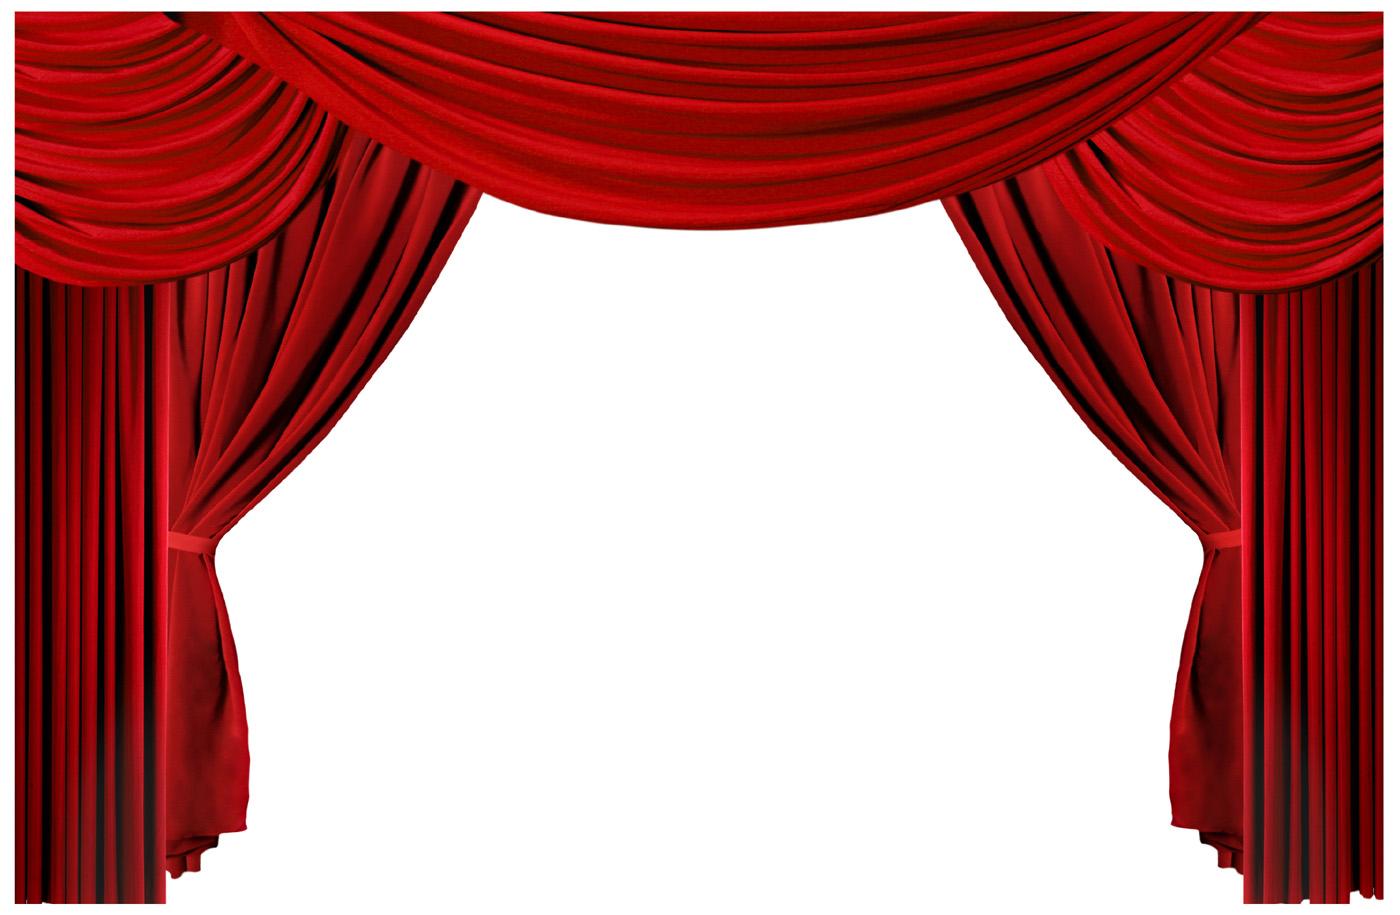 1400x915 Curtains clipart